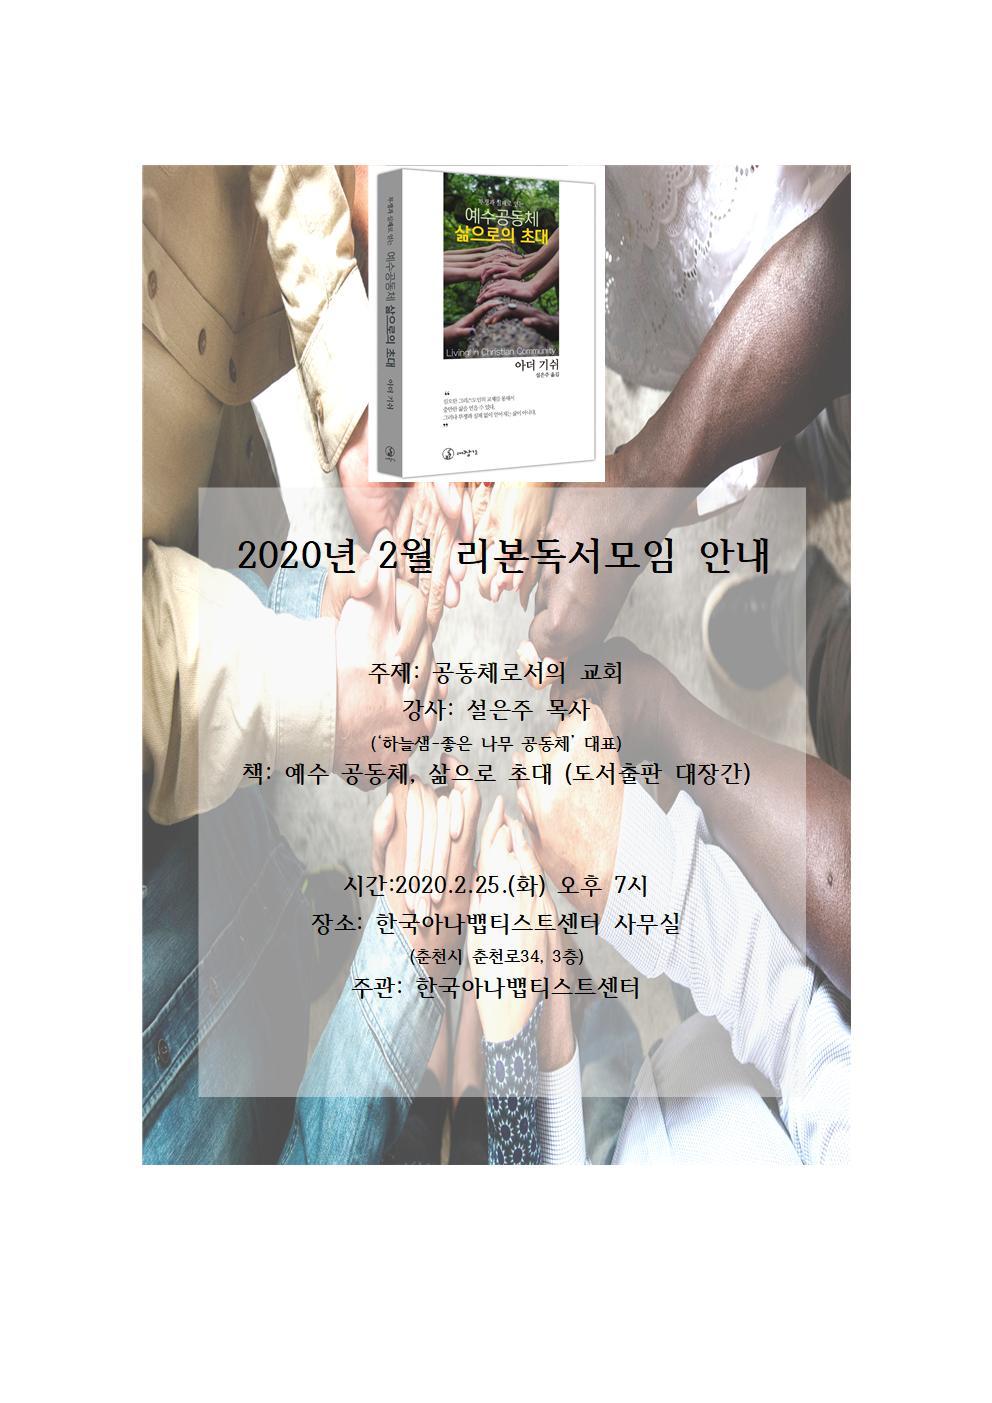 2020년 2월 리본독서모임 안내001